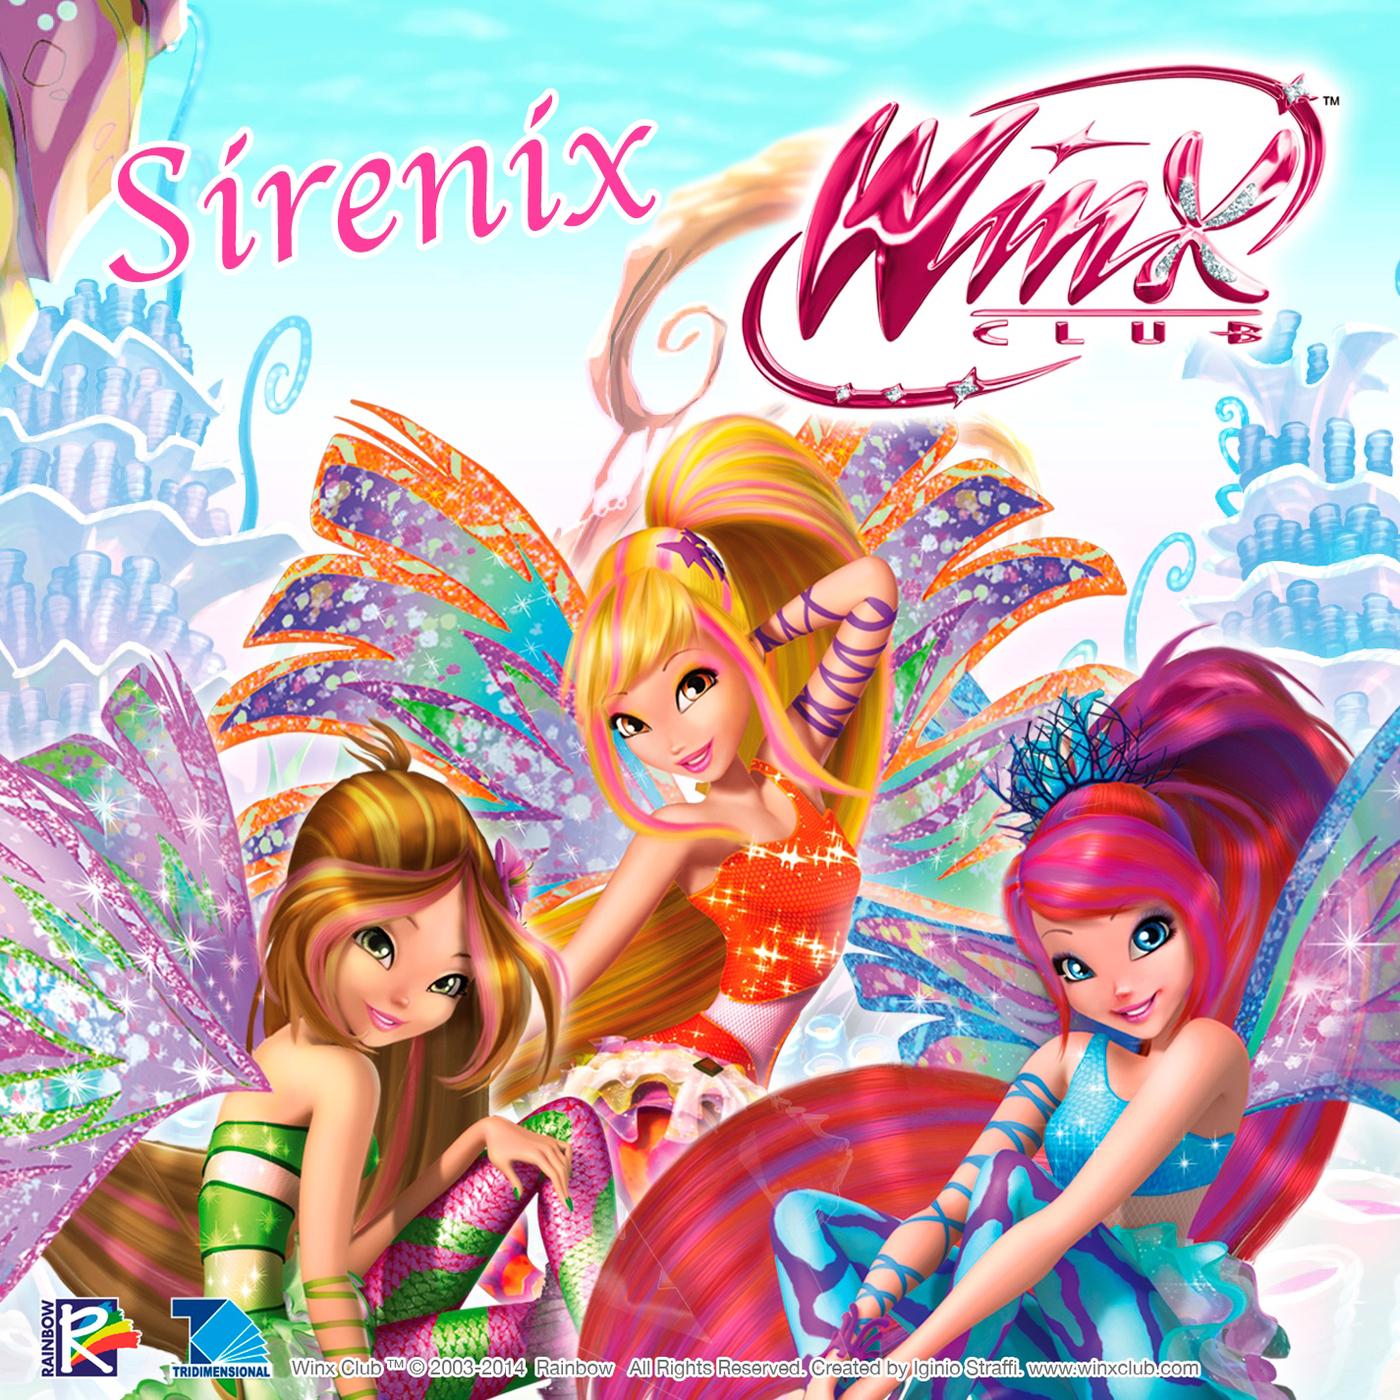 Winx club 5 sirenix